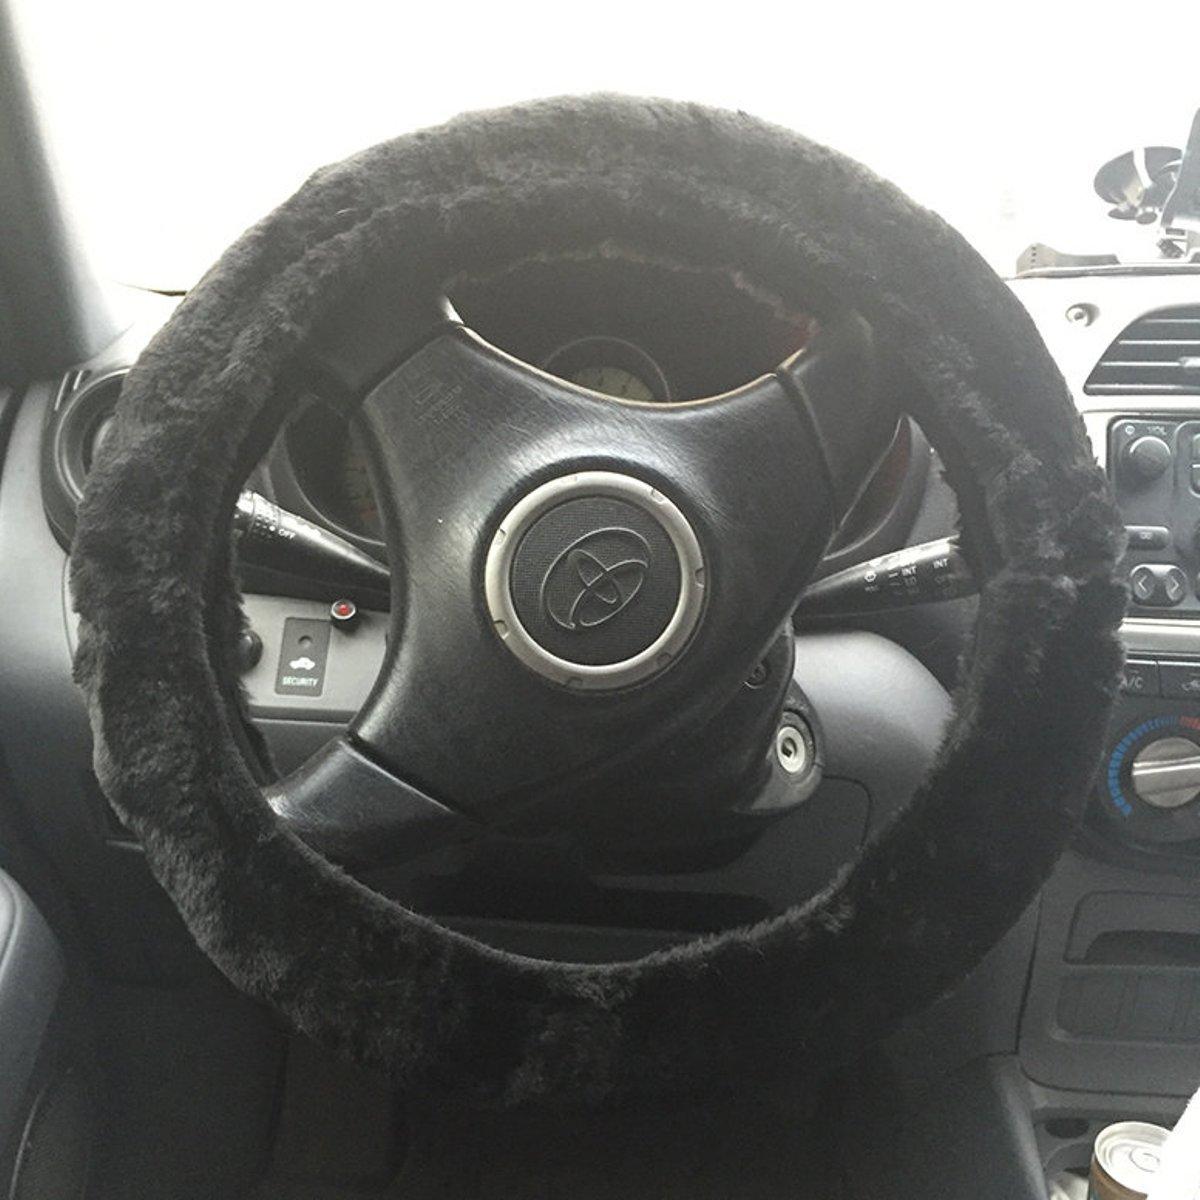 Оплетка на руль на резинке Auto premium, цвет: черный. 7700477004Меховая оплетка на рулевое колесо автомобиля черного цвета. Служит для большего комфорта в условиях минусовой температуры в авто. Подходит на все легковые автомобили. Стягивается по периметру специальной резинкой, благодаря этому крепко держится на руле